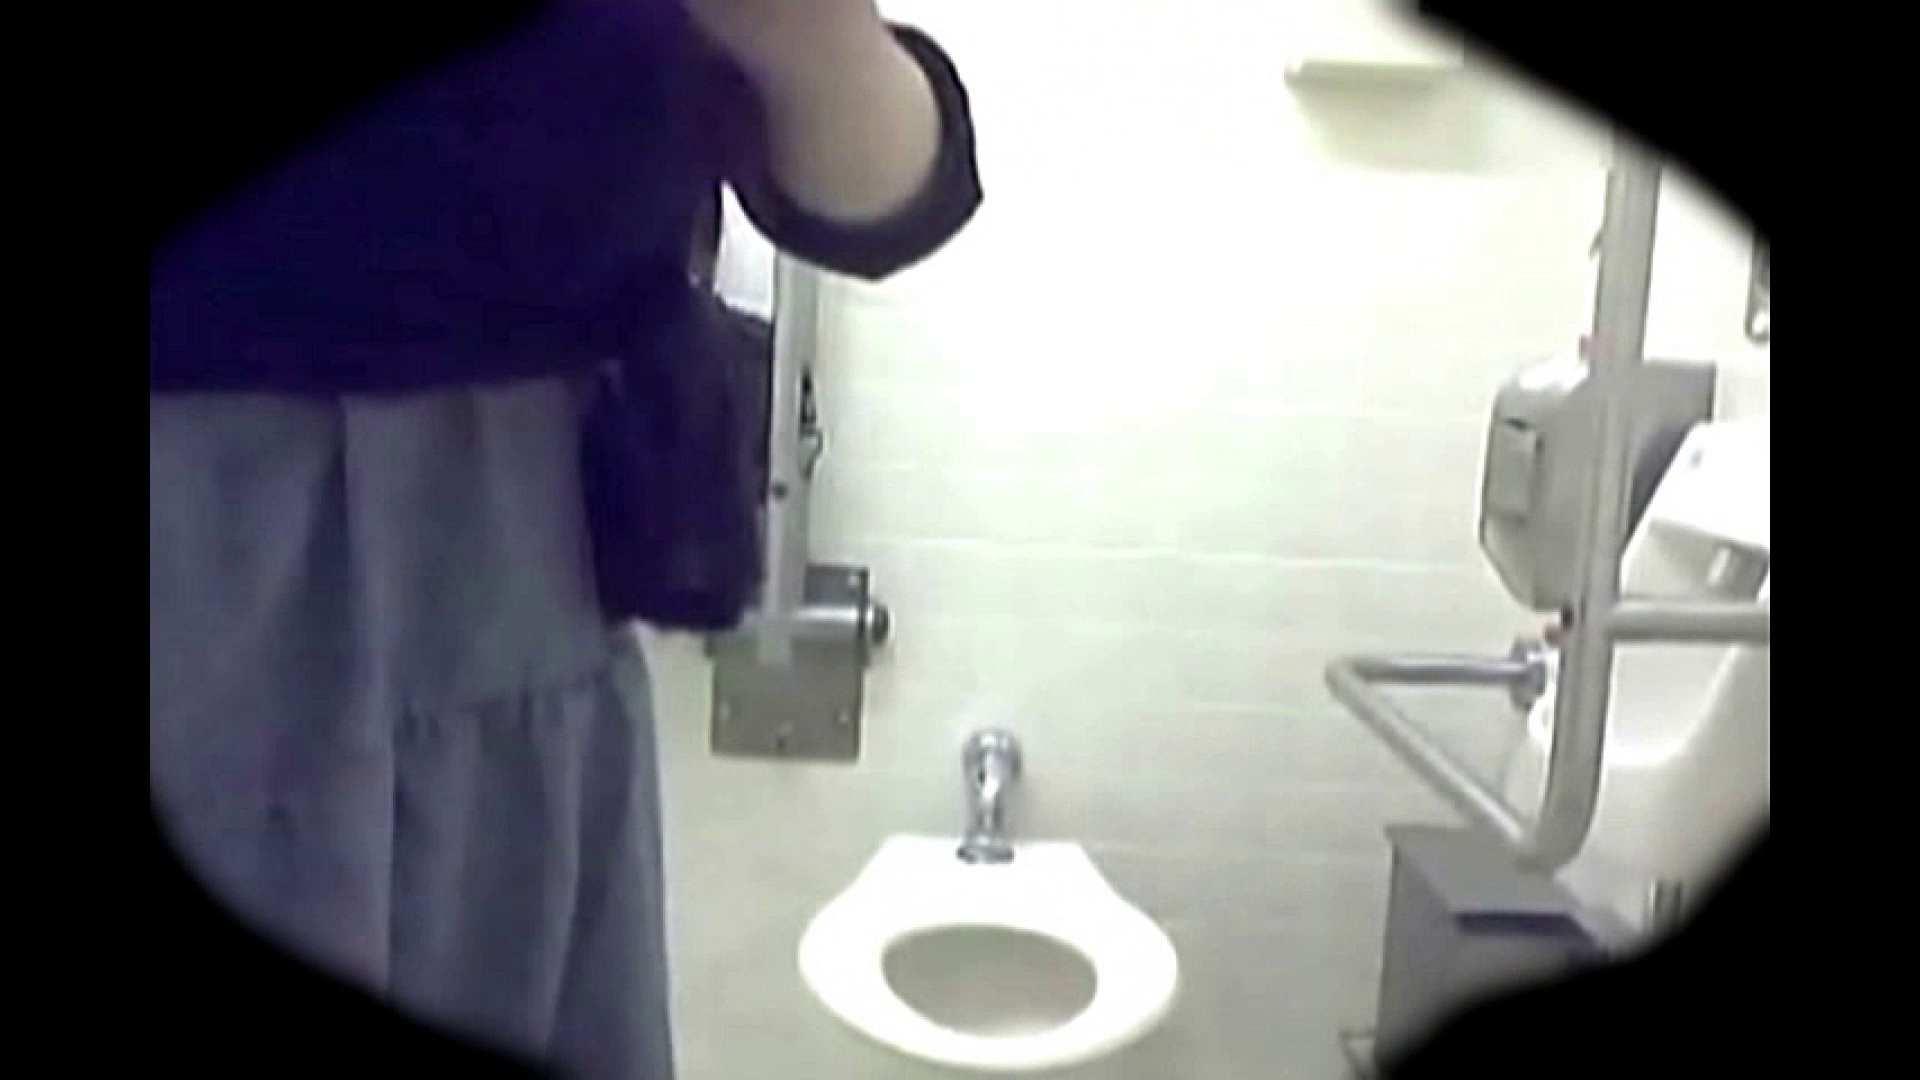 teen galトイレ覗き紙がナイ編‼vol.05 覗き | トイレの中まで  9枚 4